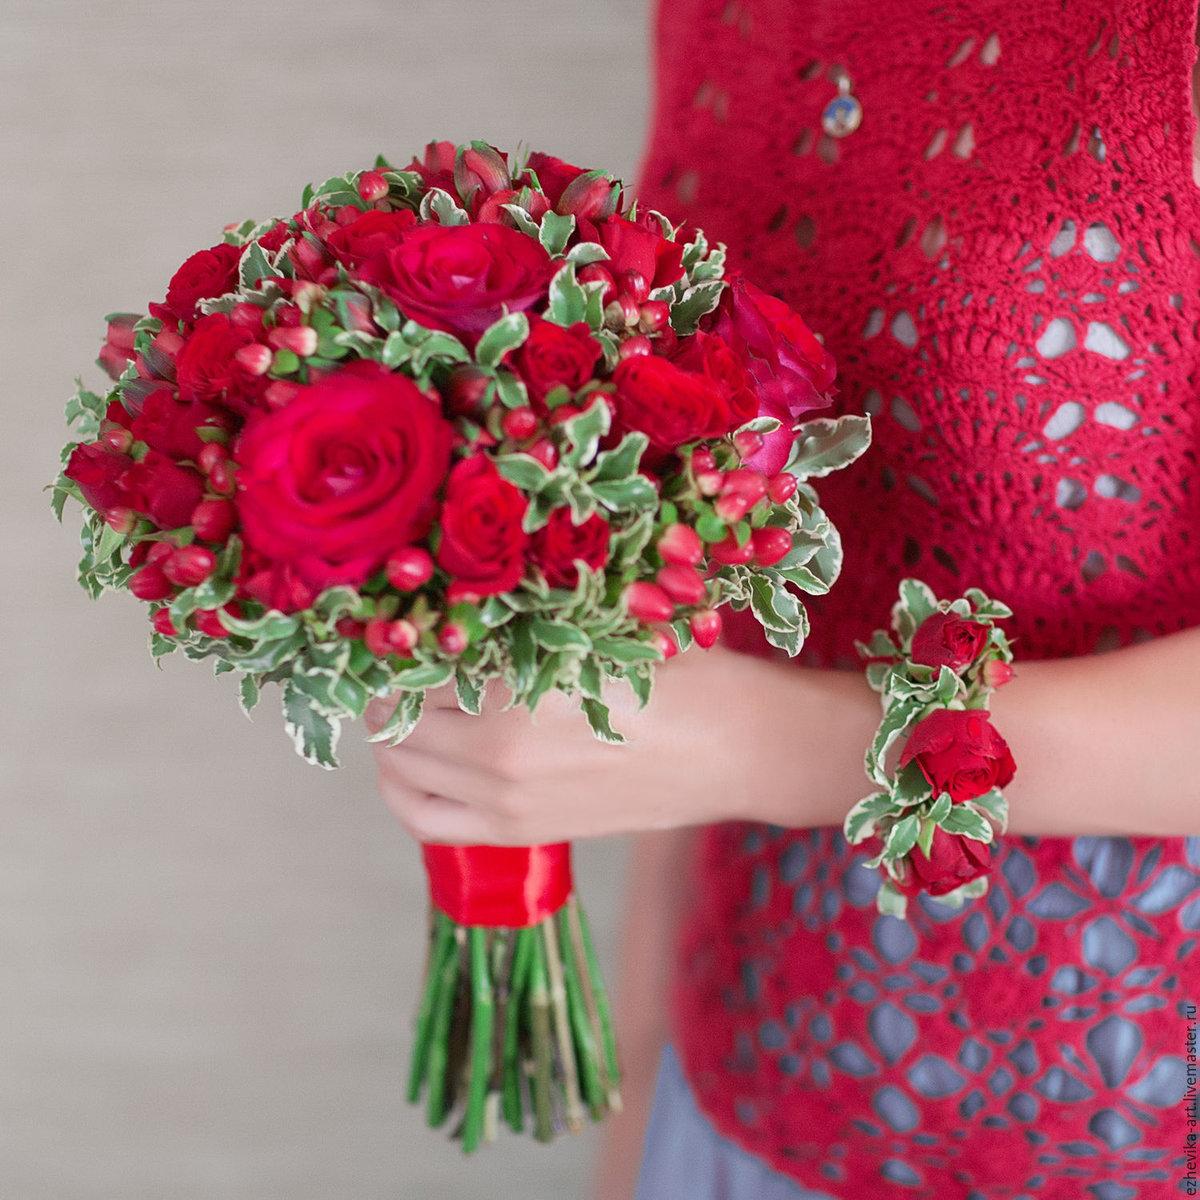 Центро киеве, красный цветы для свадебного букета названия